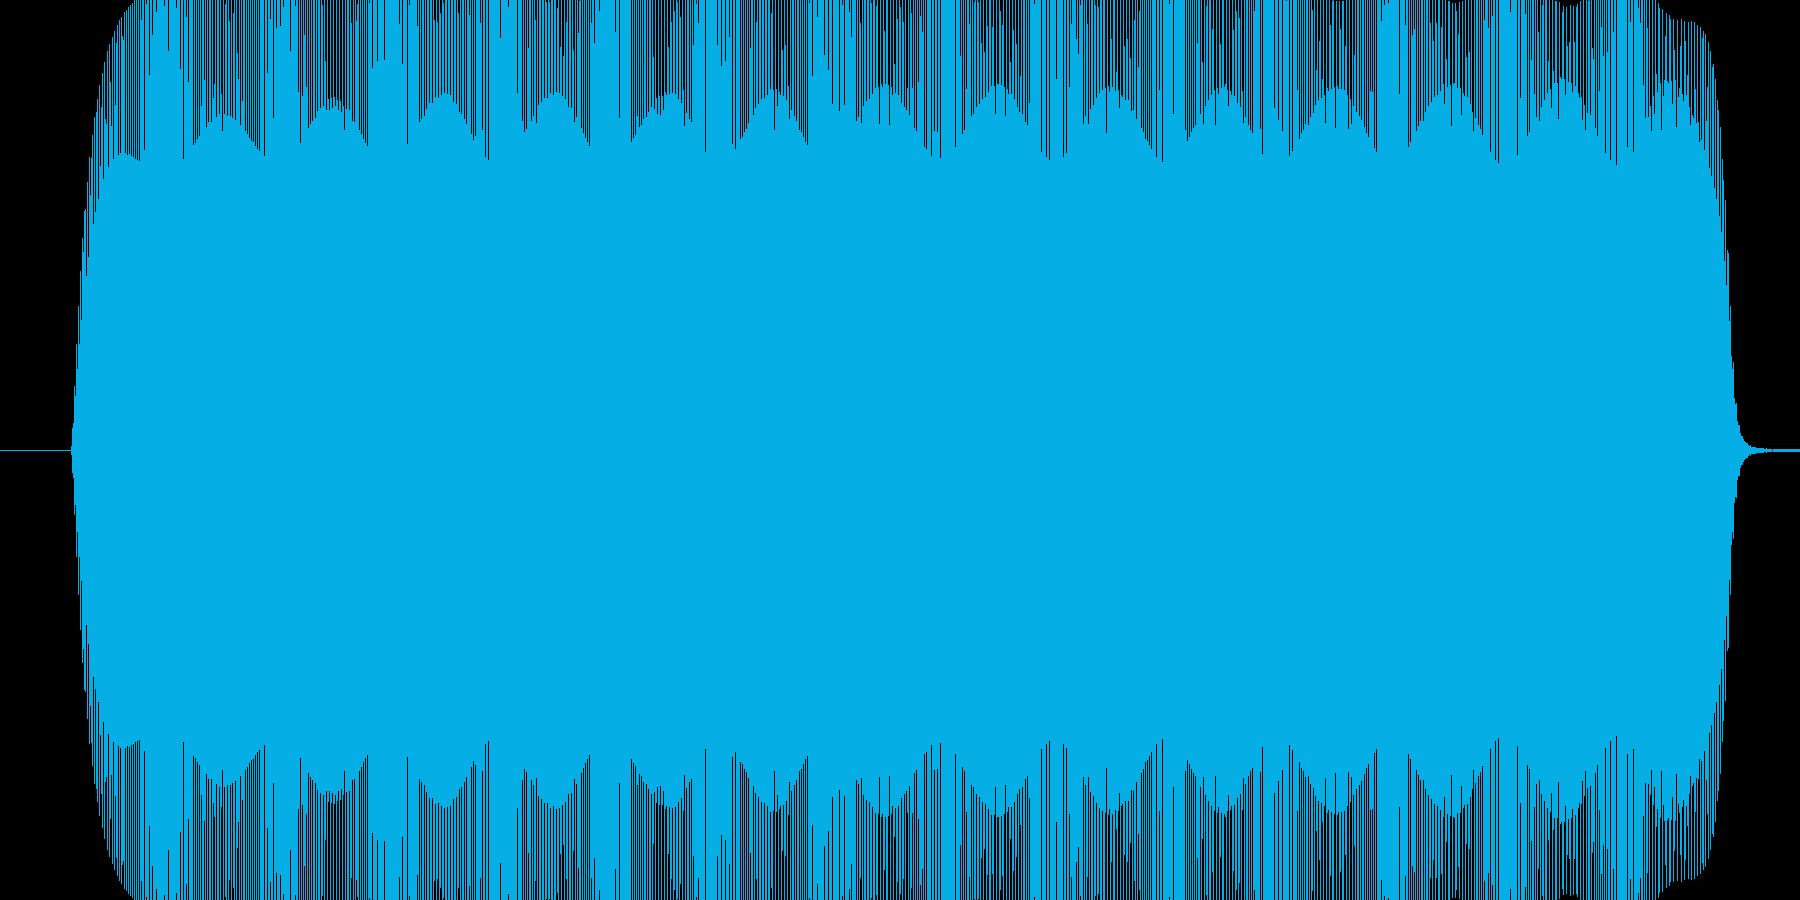 ボワンボワン、ぐるぐるまわる電子音の再生済みの波形